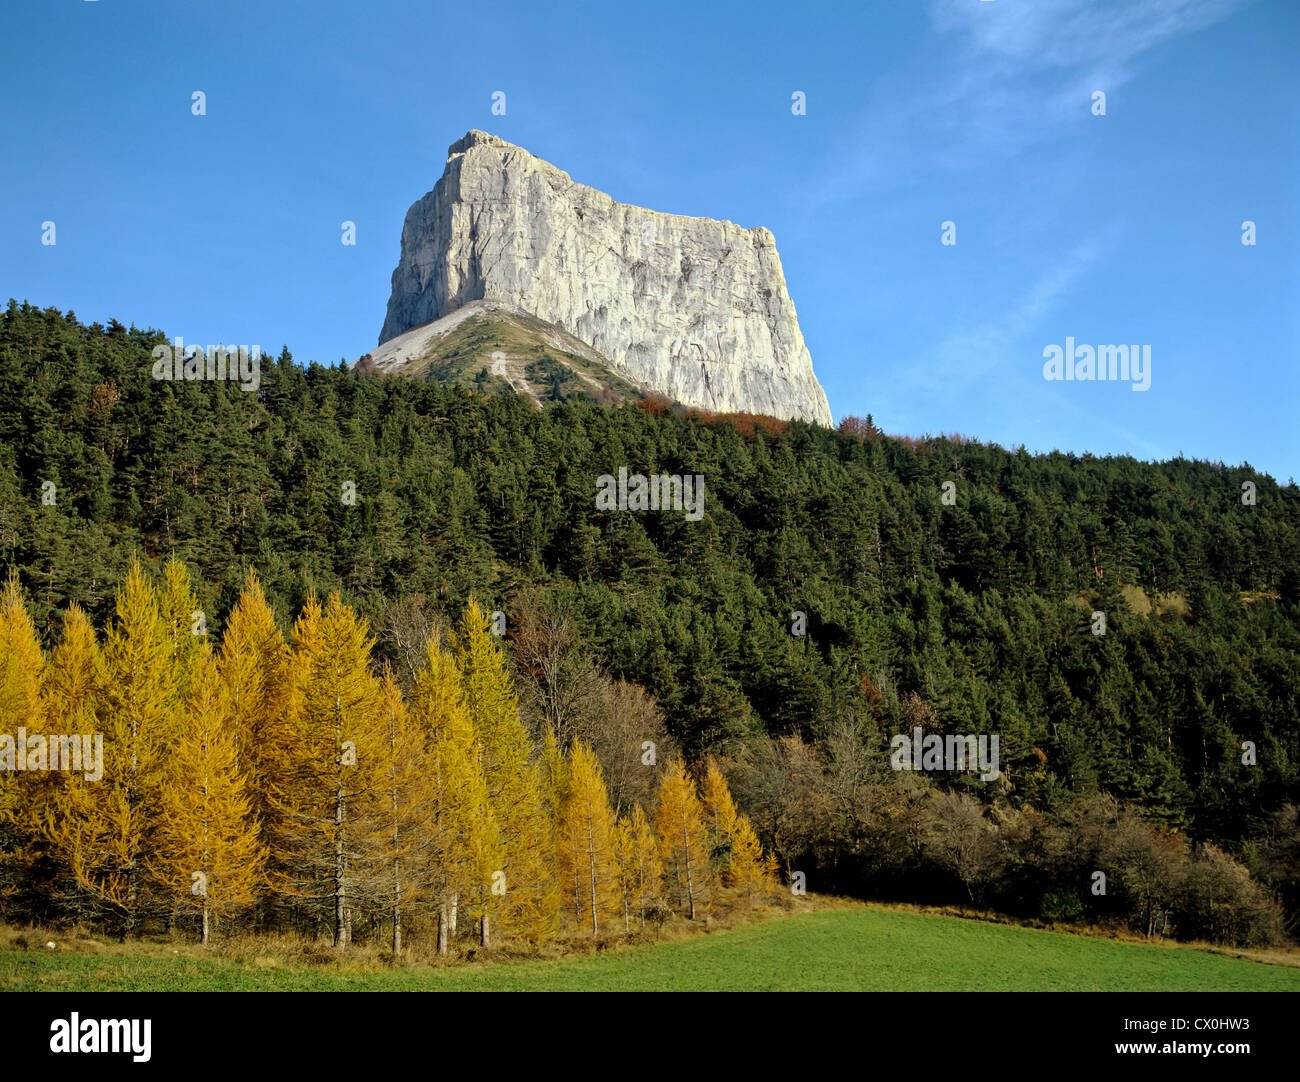 8123. Mt Aiguille 2086m, Alps, France - Stock Image